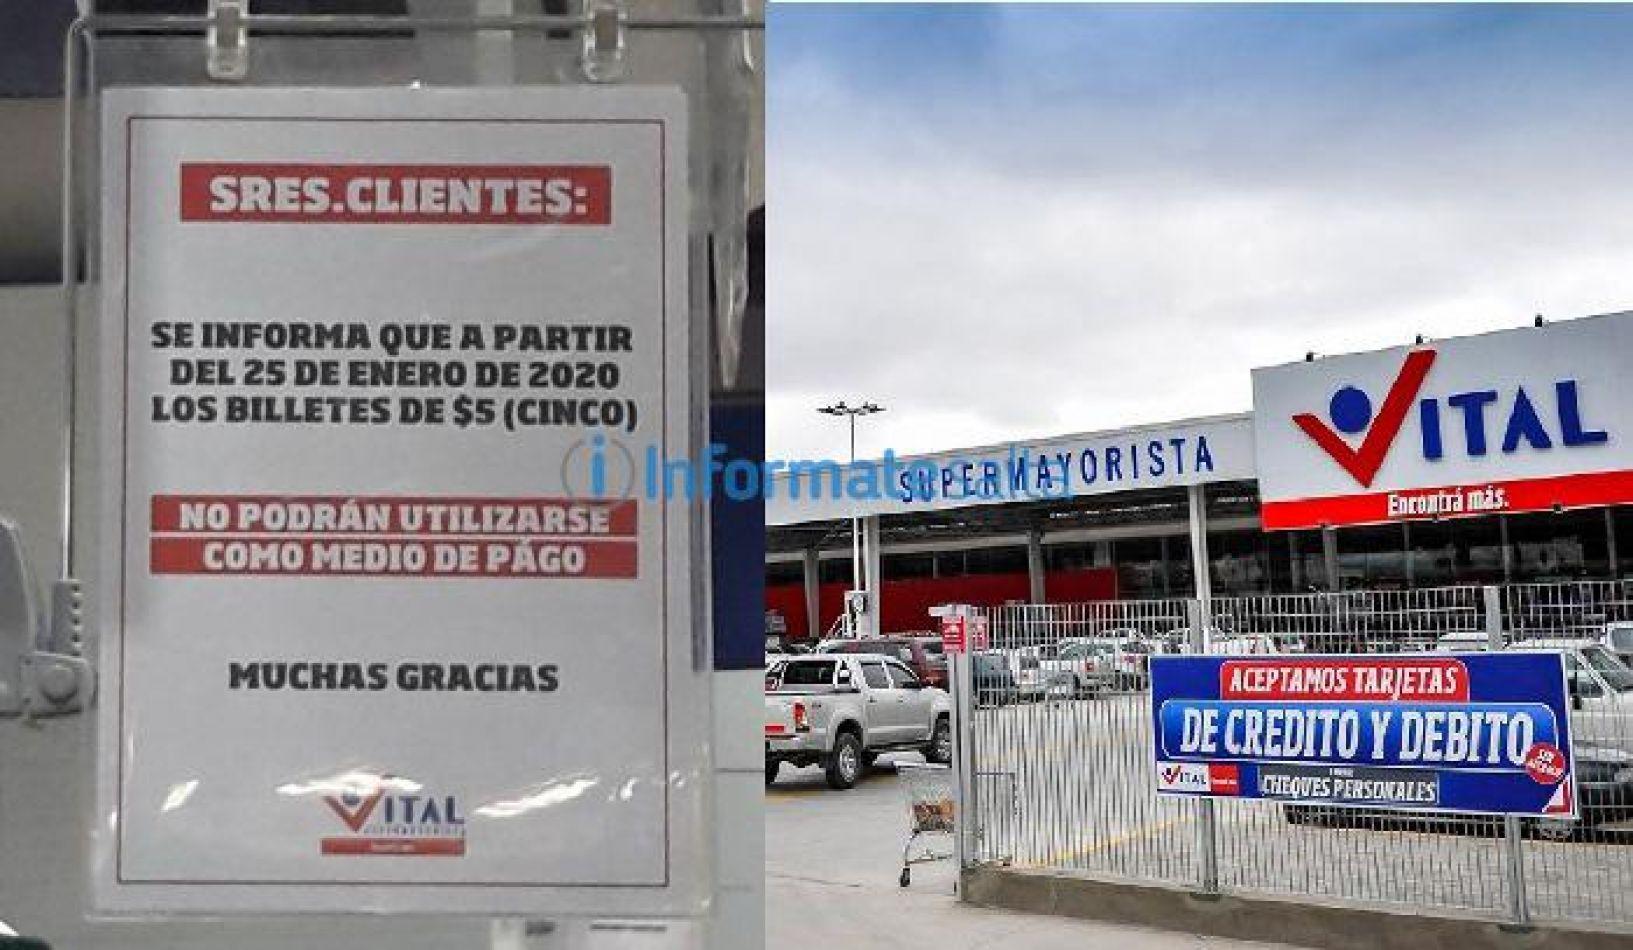 Un mayorista en Salta no recibirá billetes de $5 desde el 25 de enero, ¿es legal?